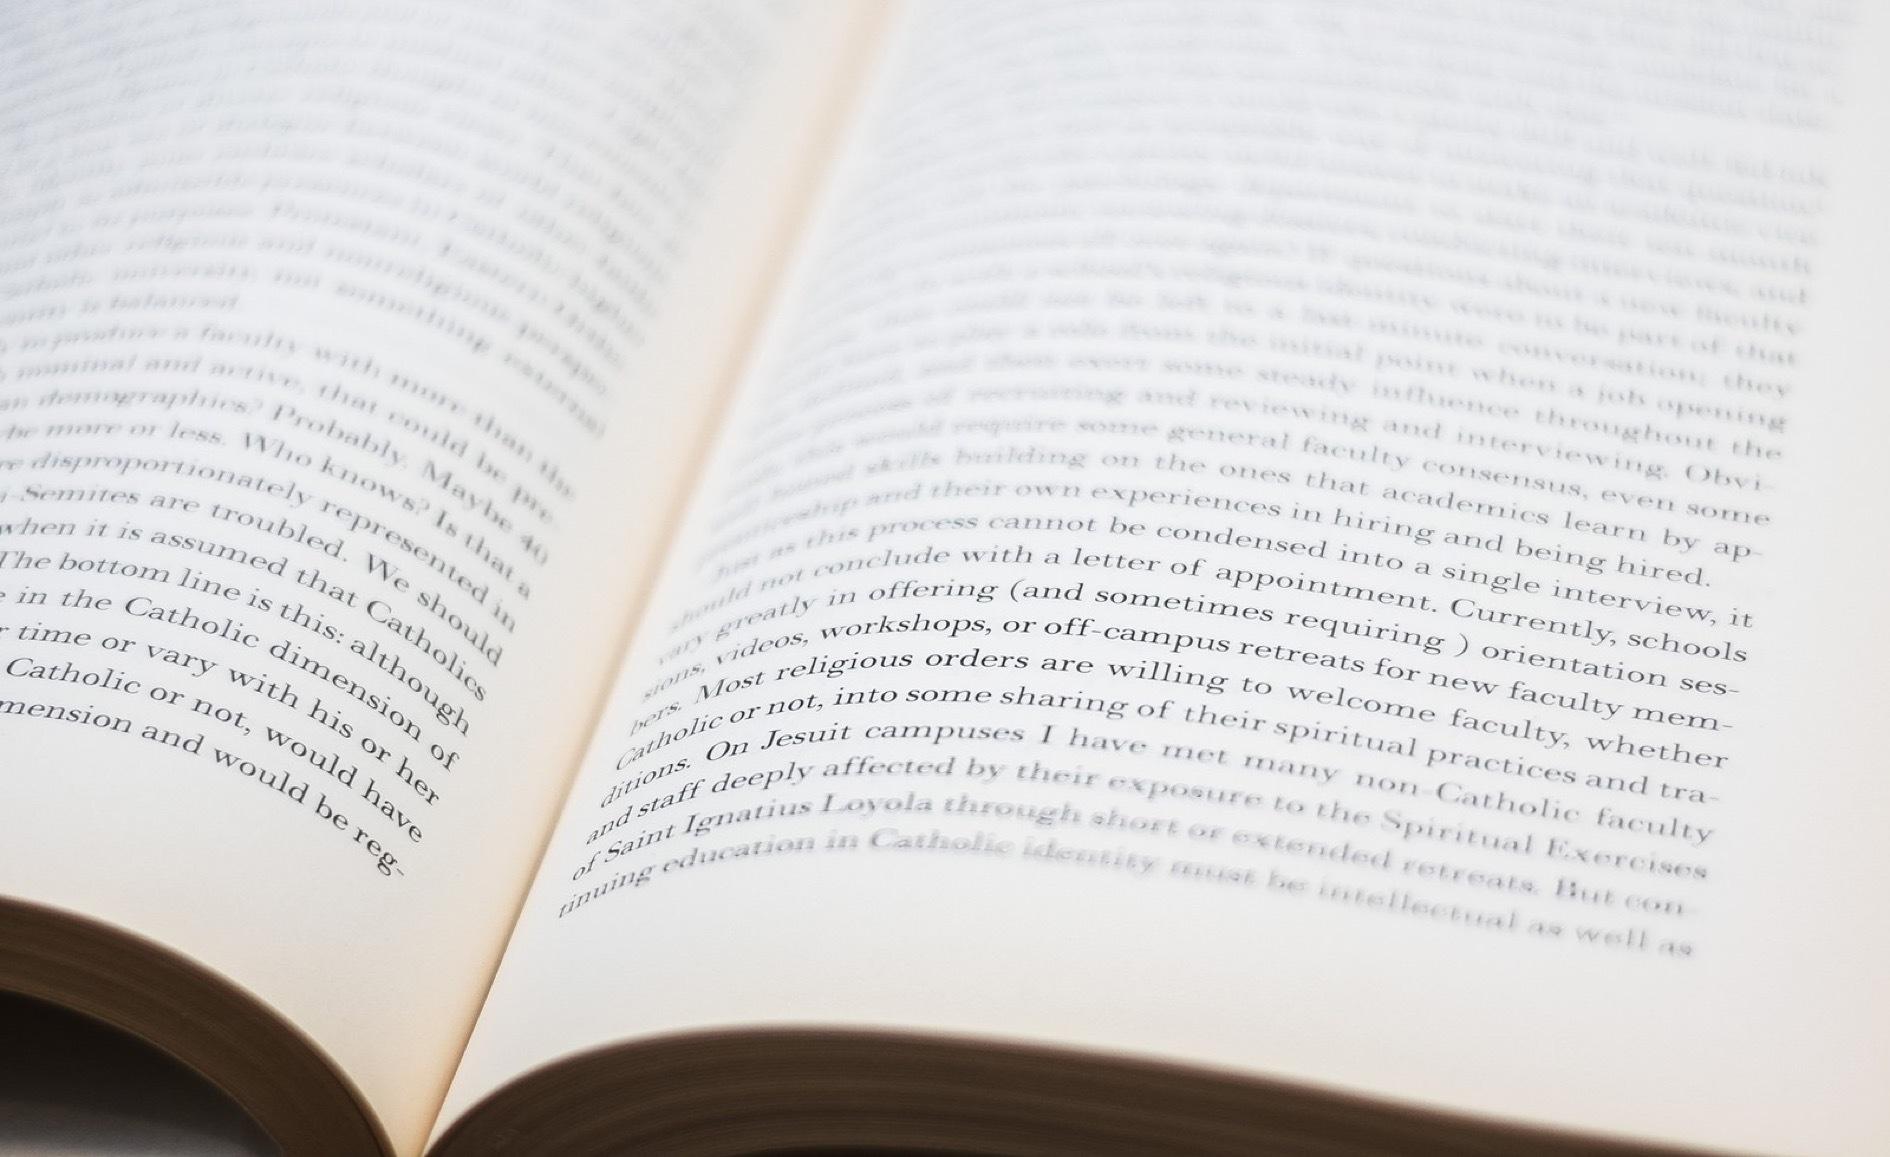 【レベル別】JavaScriptの初心者・中級者向け学習書籍まとめ全7冊